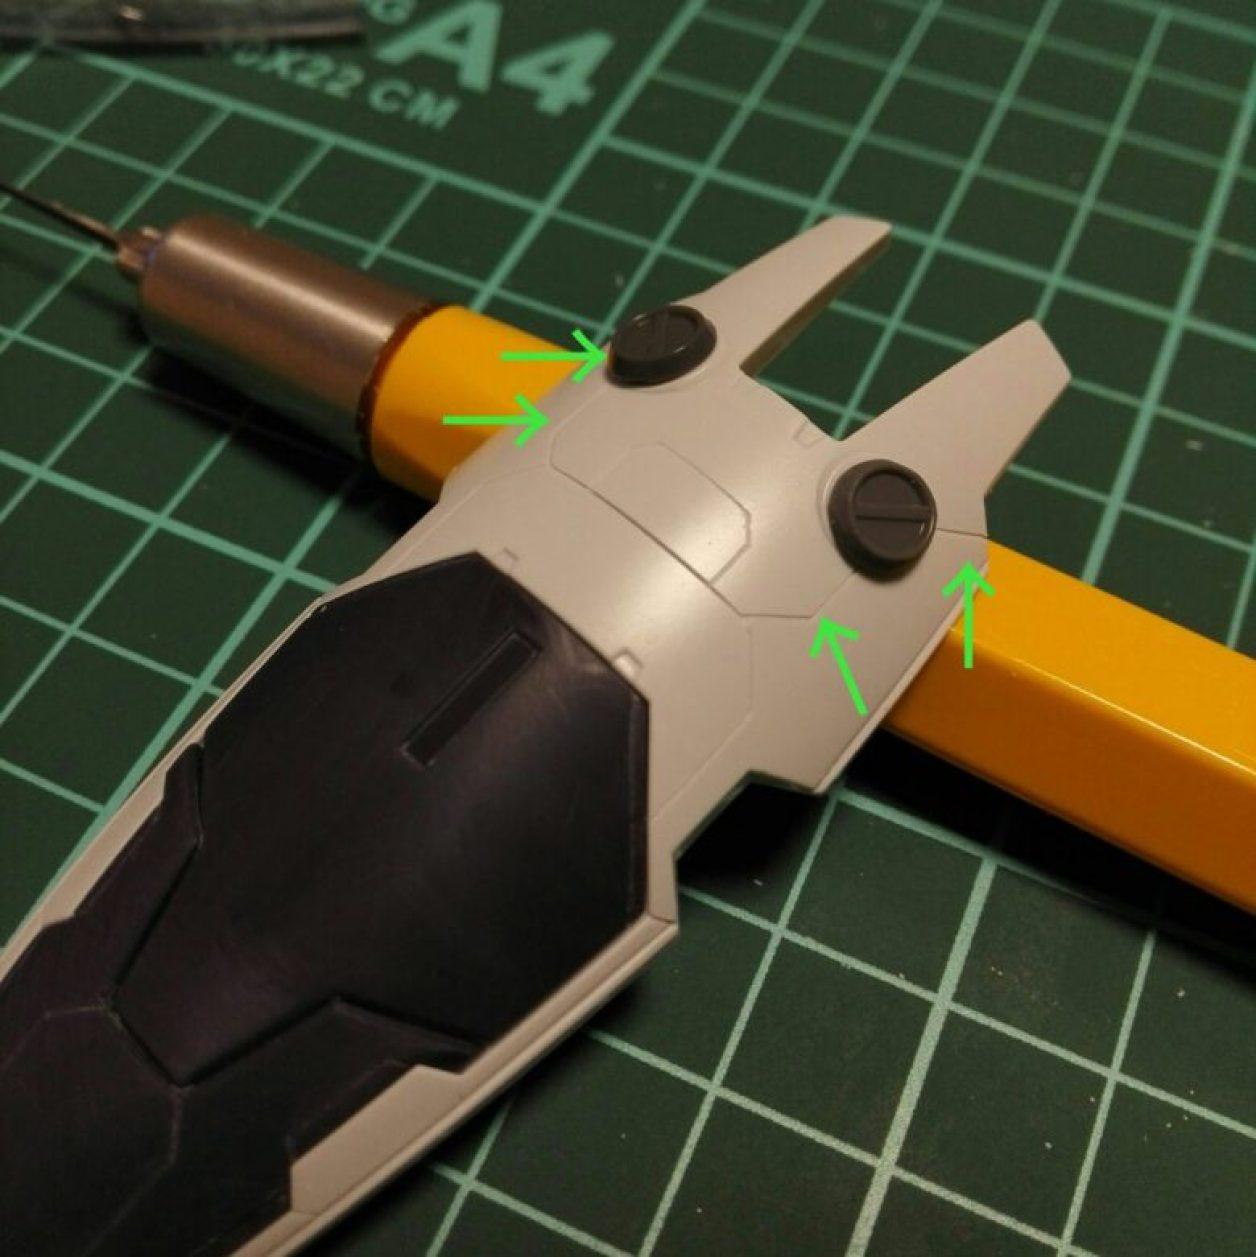 HGUC ガンダムTR-1[ヘイズル改]のジム系MS用シールドに太さの異なるbmcタガネを用いてスジボリした画像